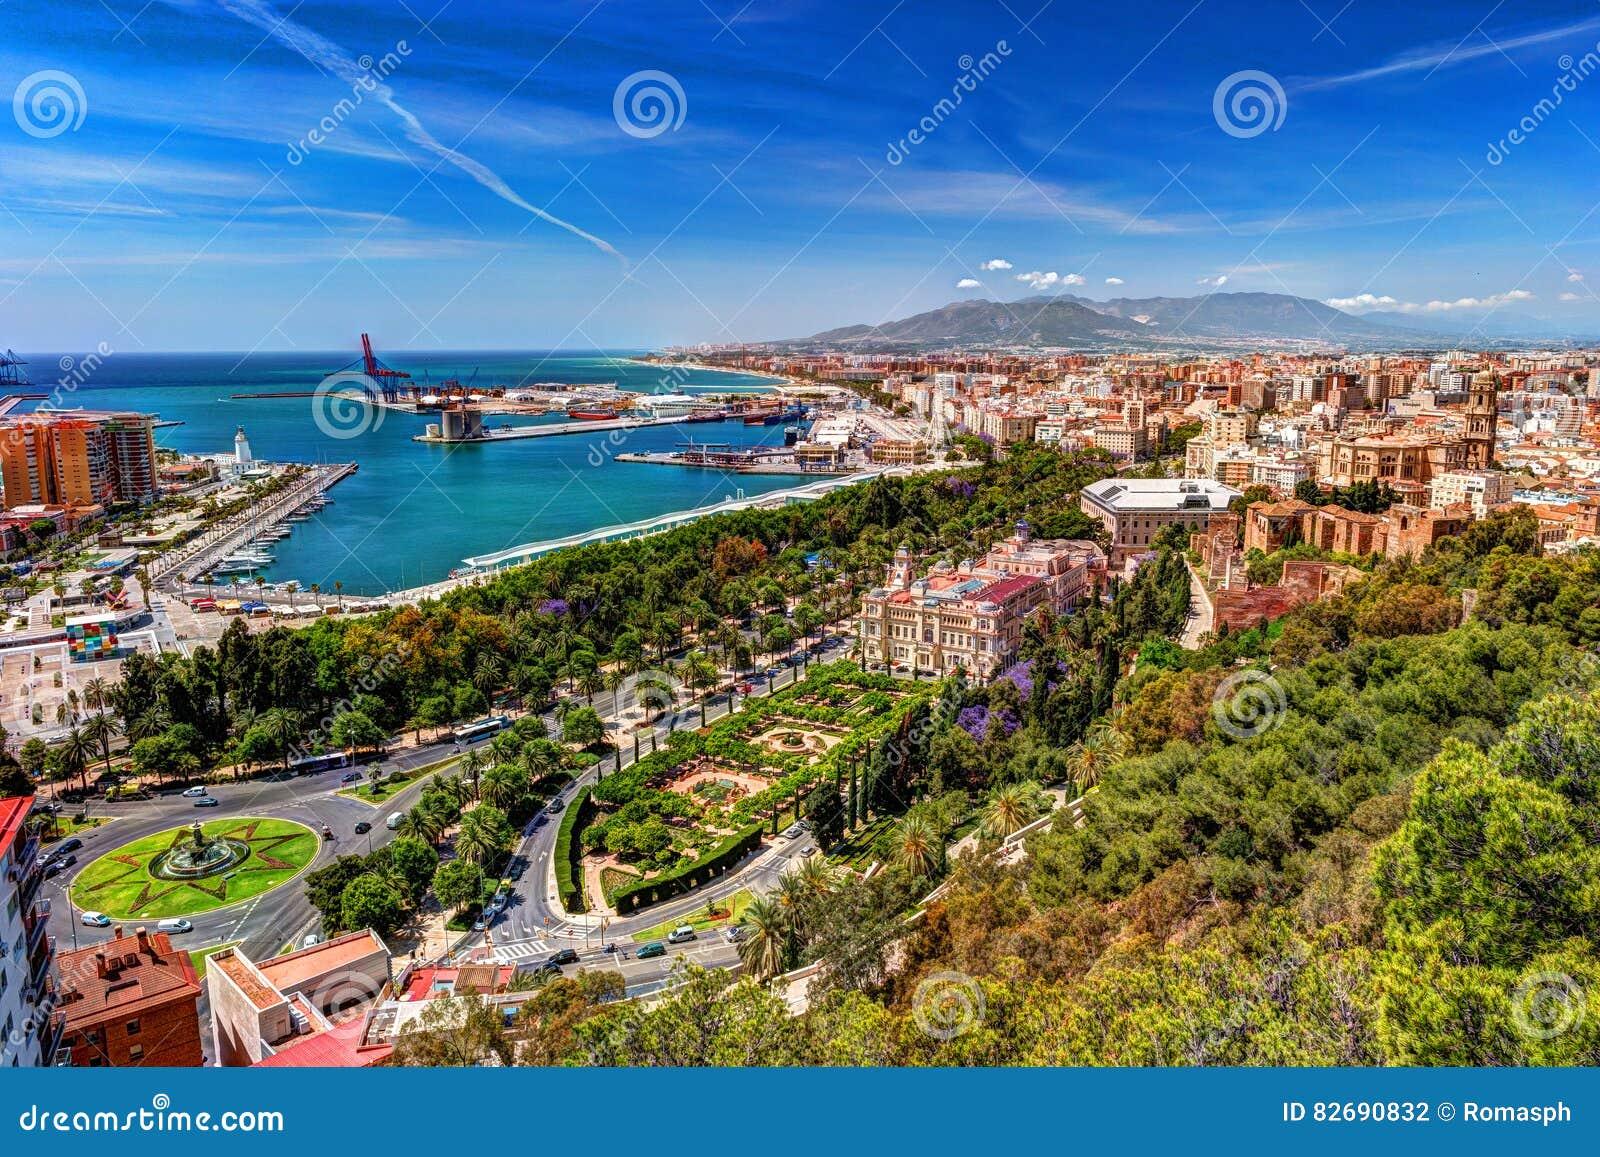 Vista aerea di malaga considerata dal castello di gibralfaro fotografia stock immagine 82690832 - Fotografia aerea malaga ...